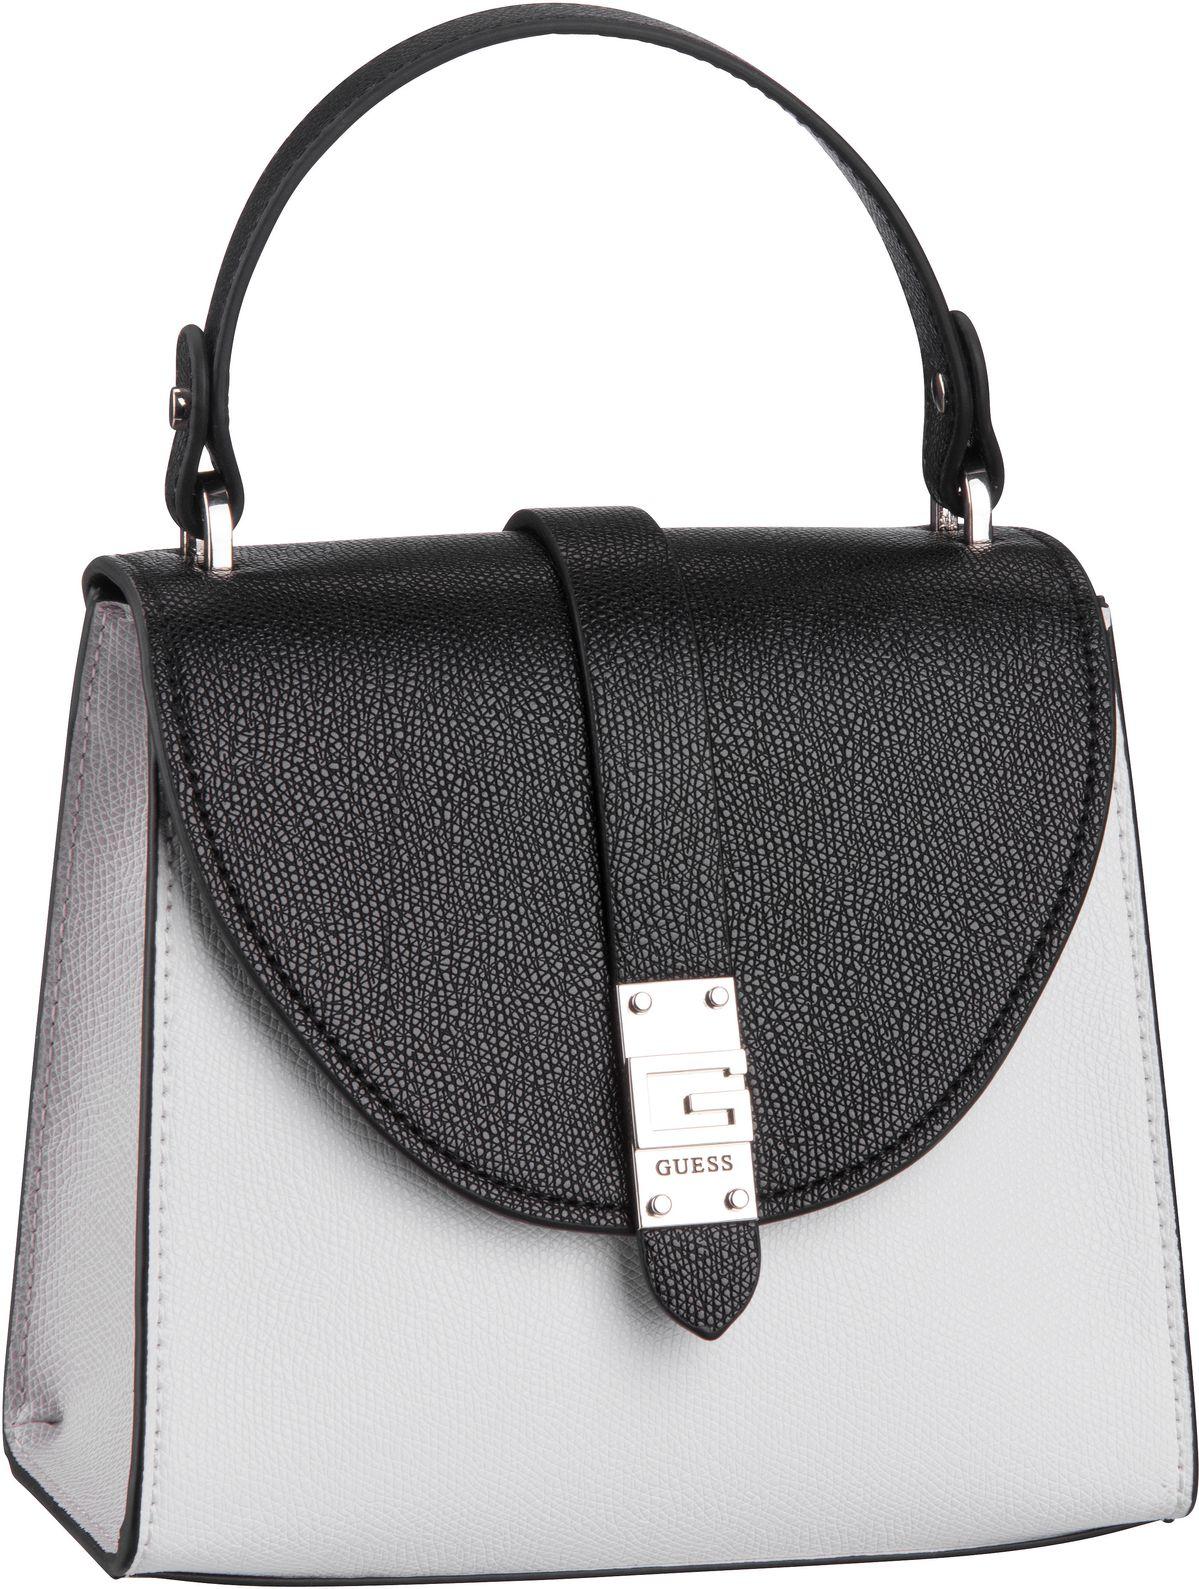 Handtasche Nerea Top Handle Flap White Multi